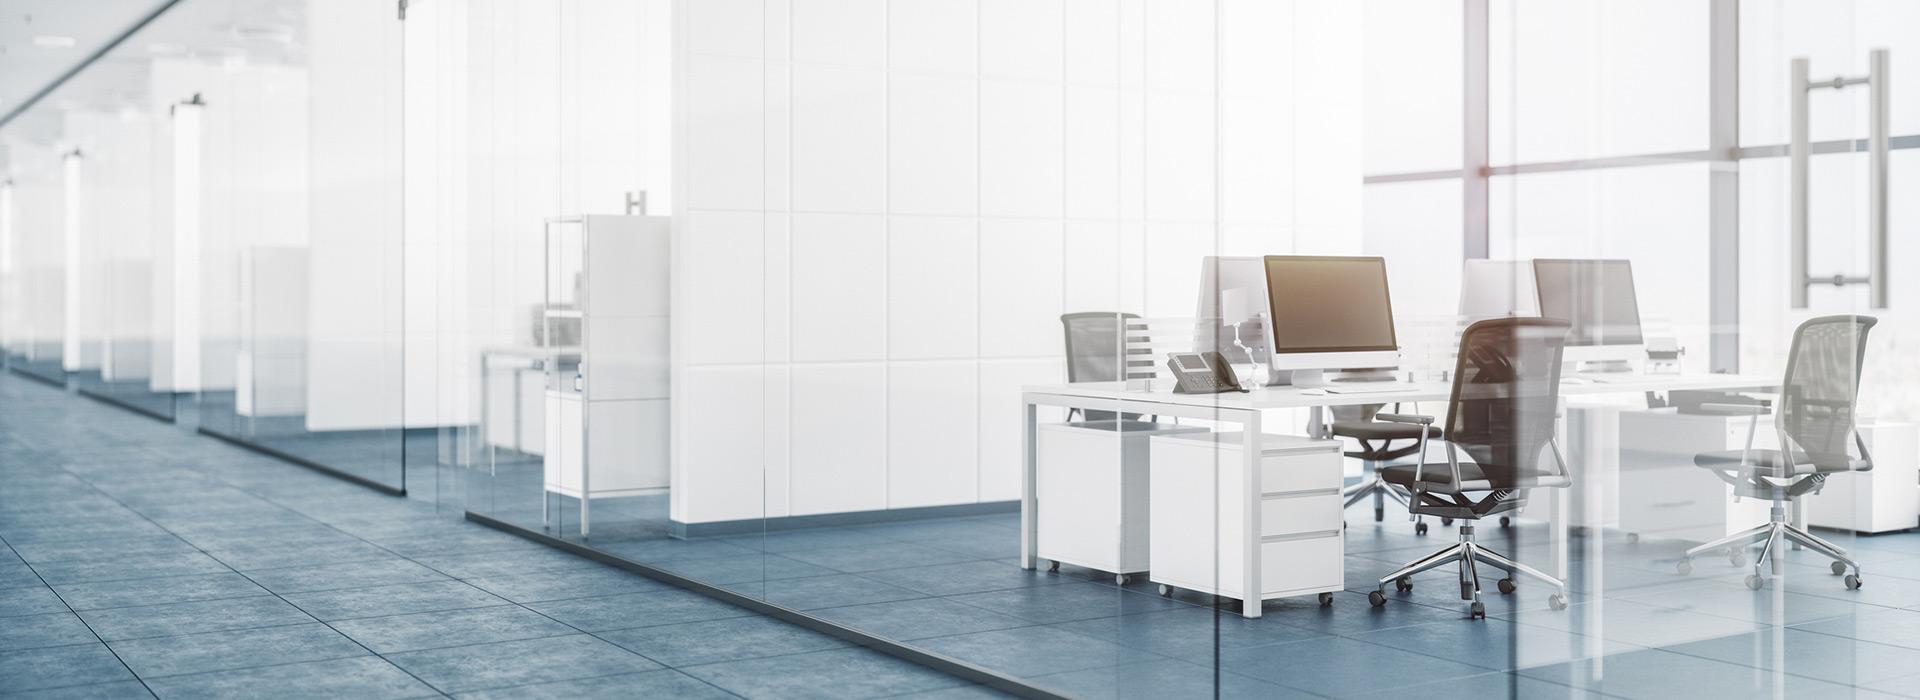 Belysning til kontorlandskap